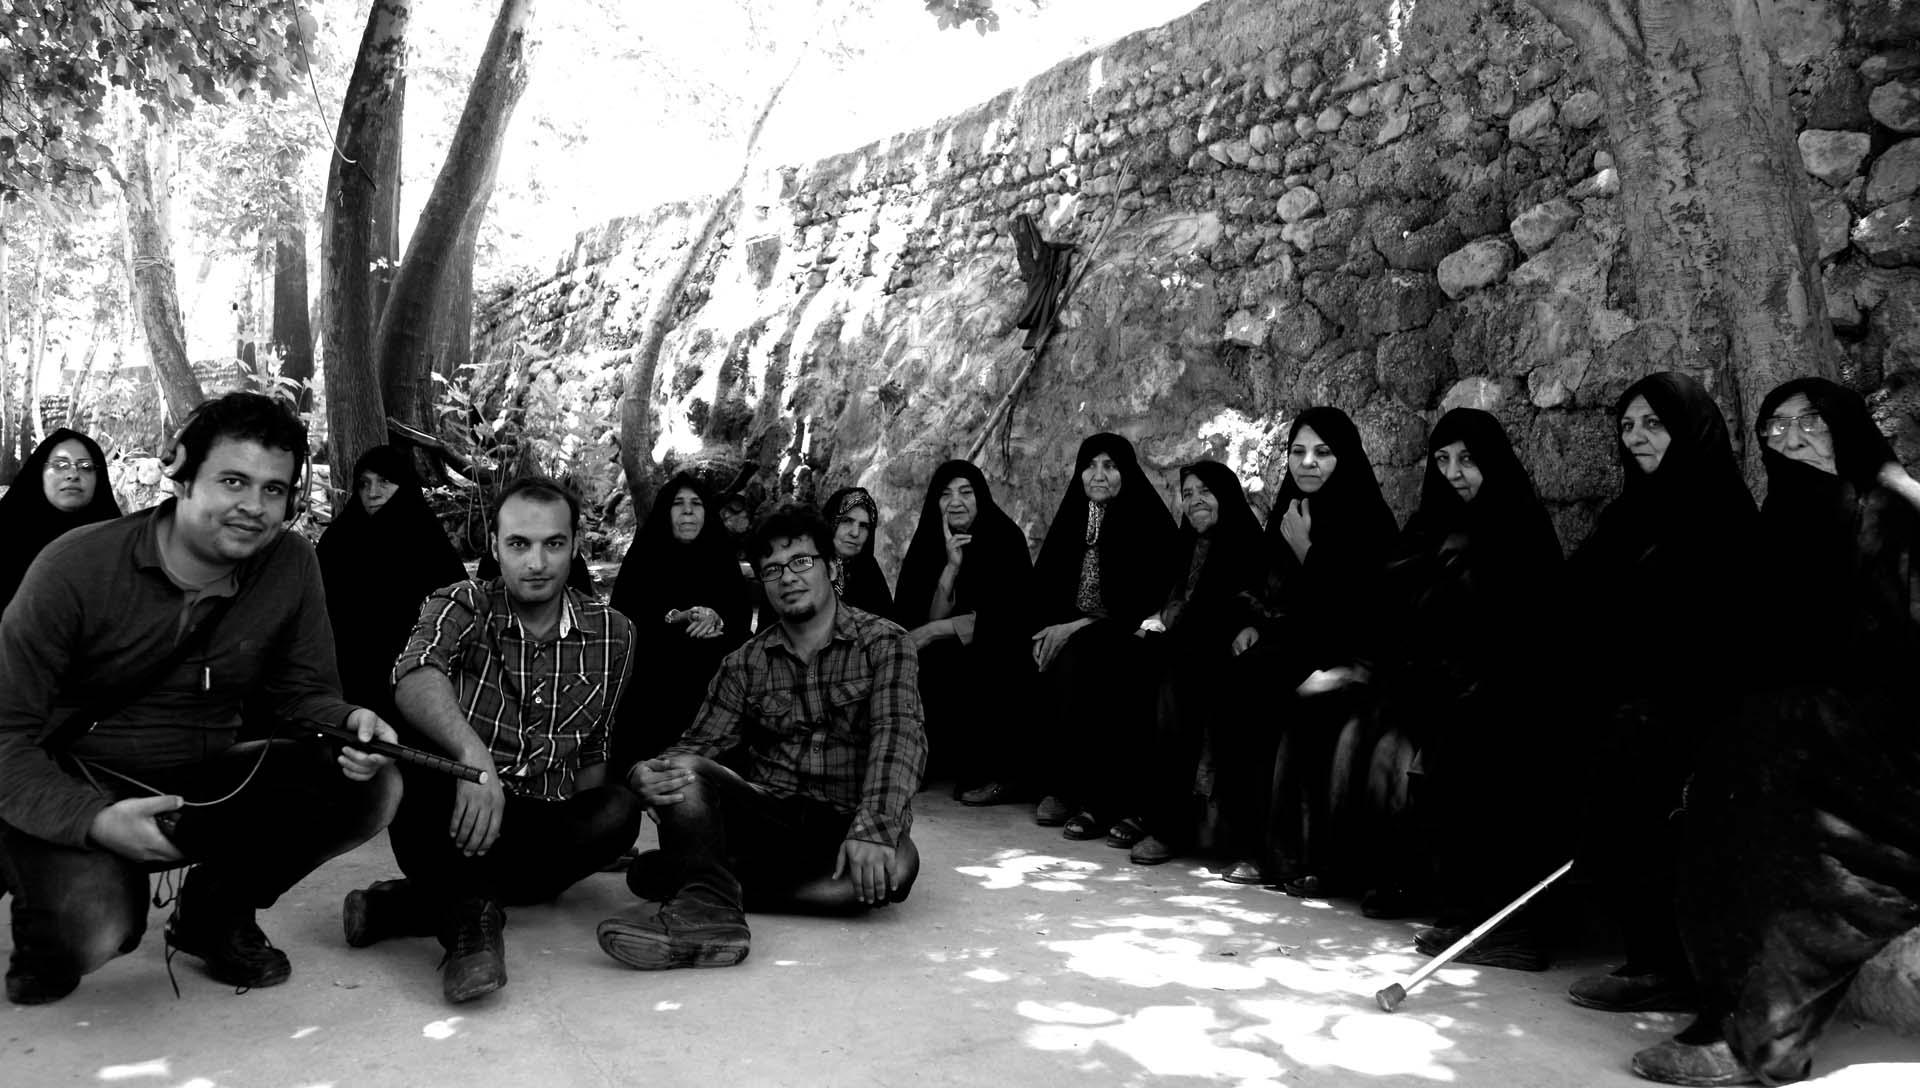 واسونک 002 - شرکت فیلم سازی زوم شیراز برادران شریفی